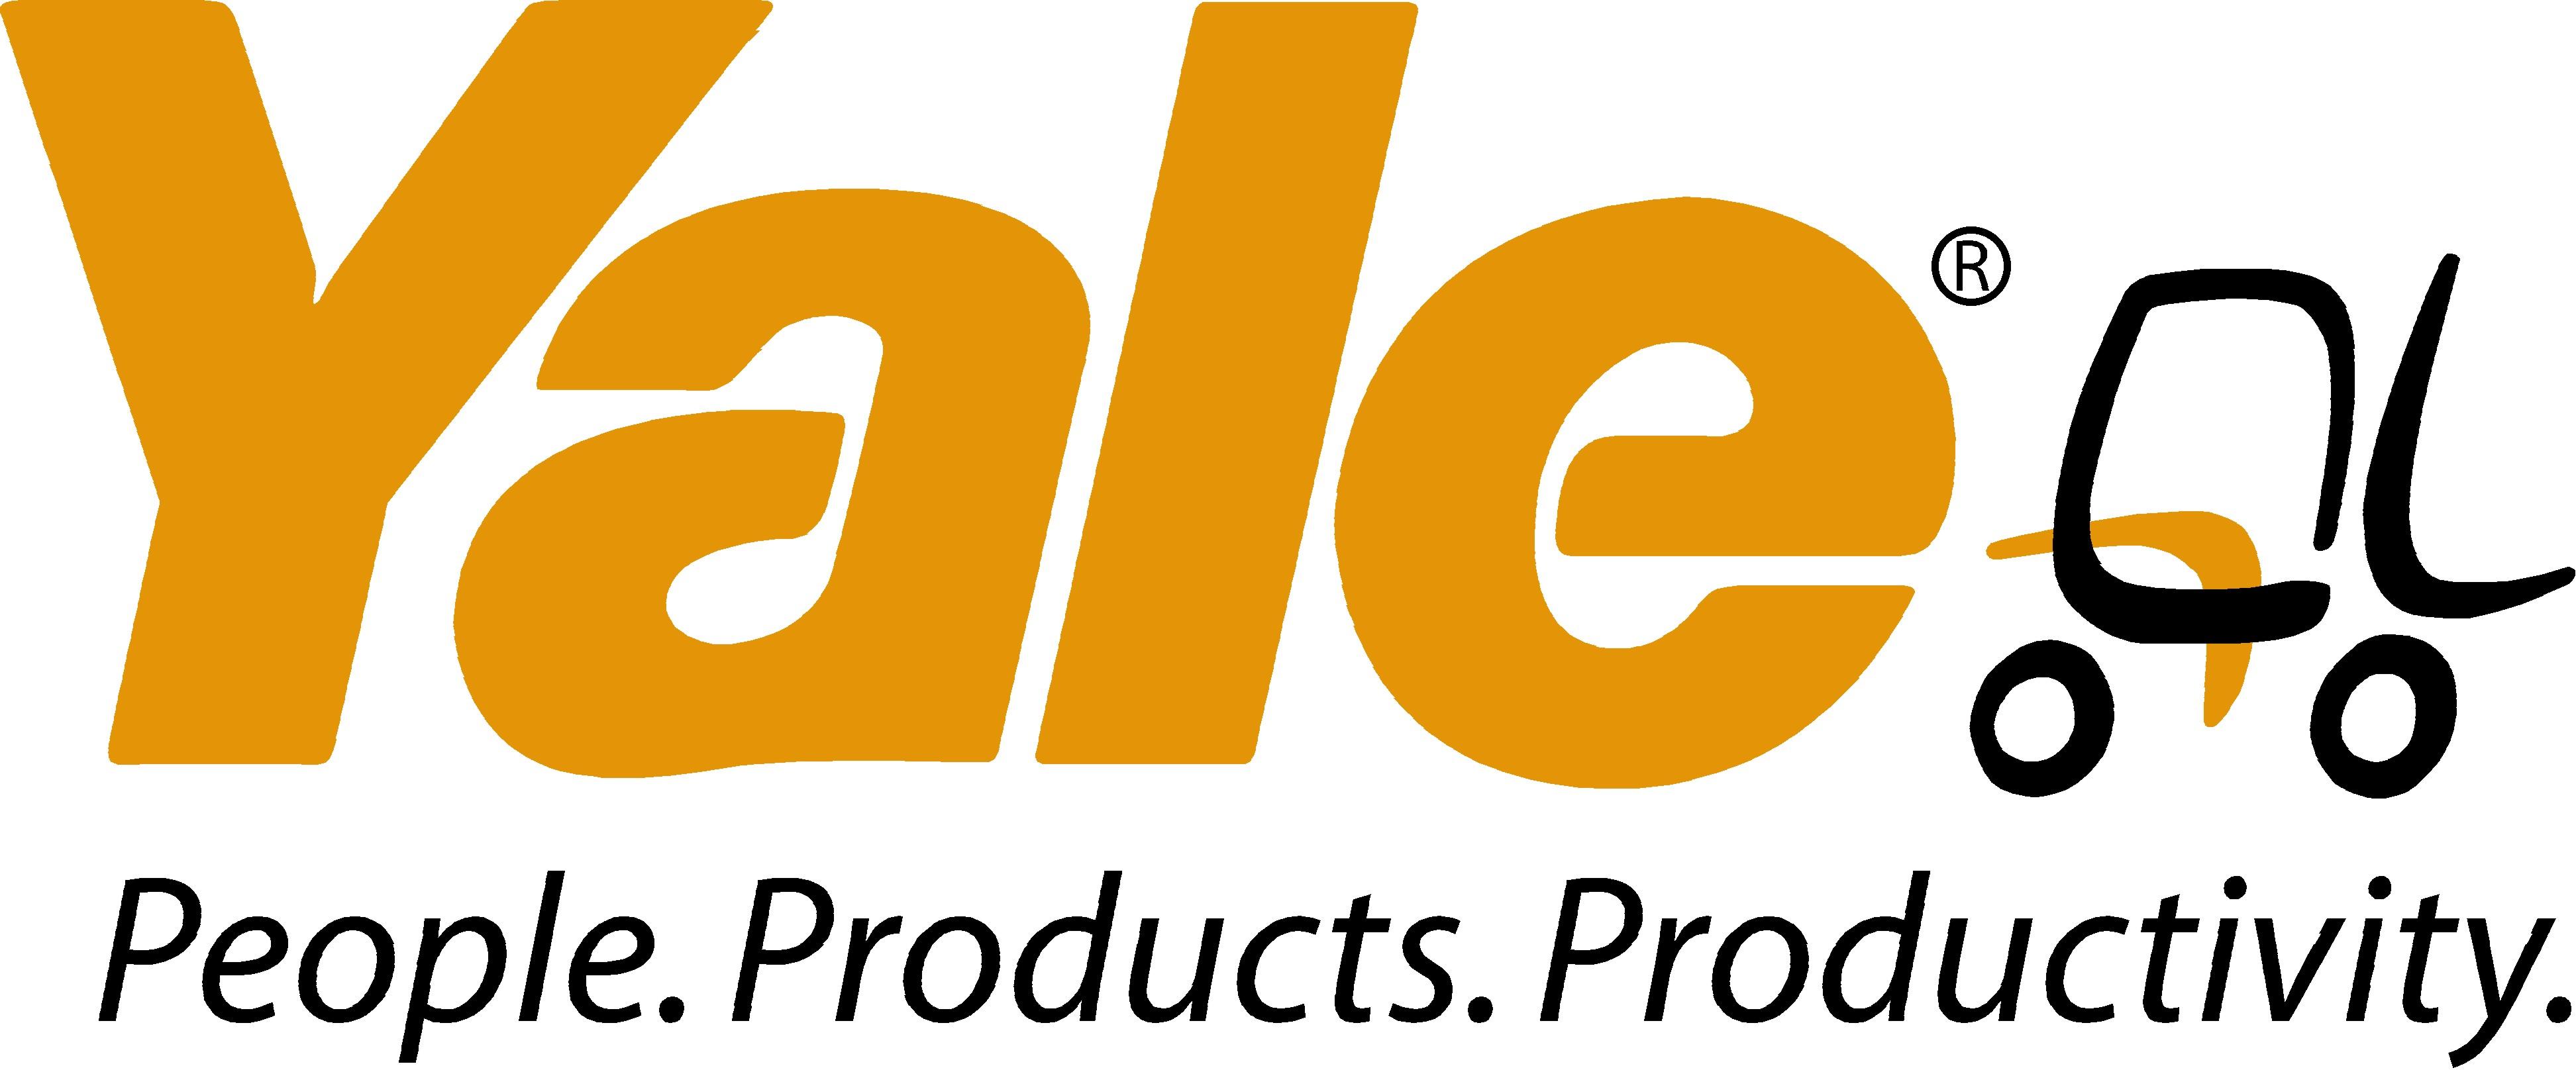 00157_new_yale_logo_hi1